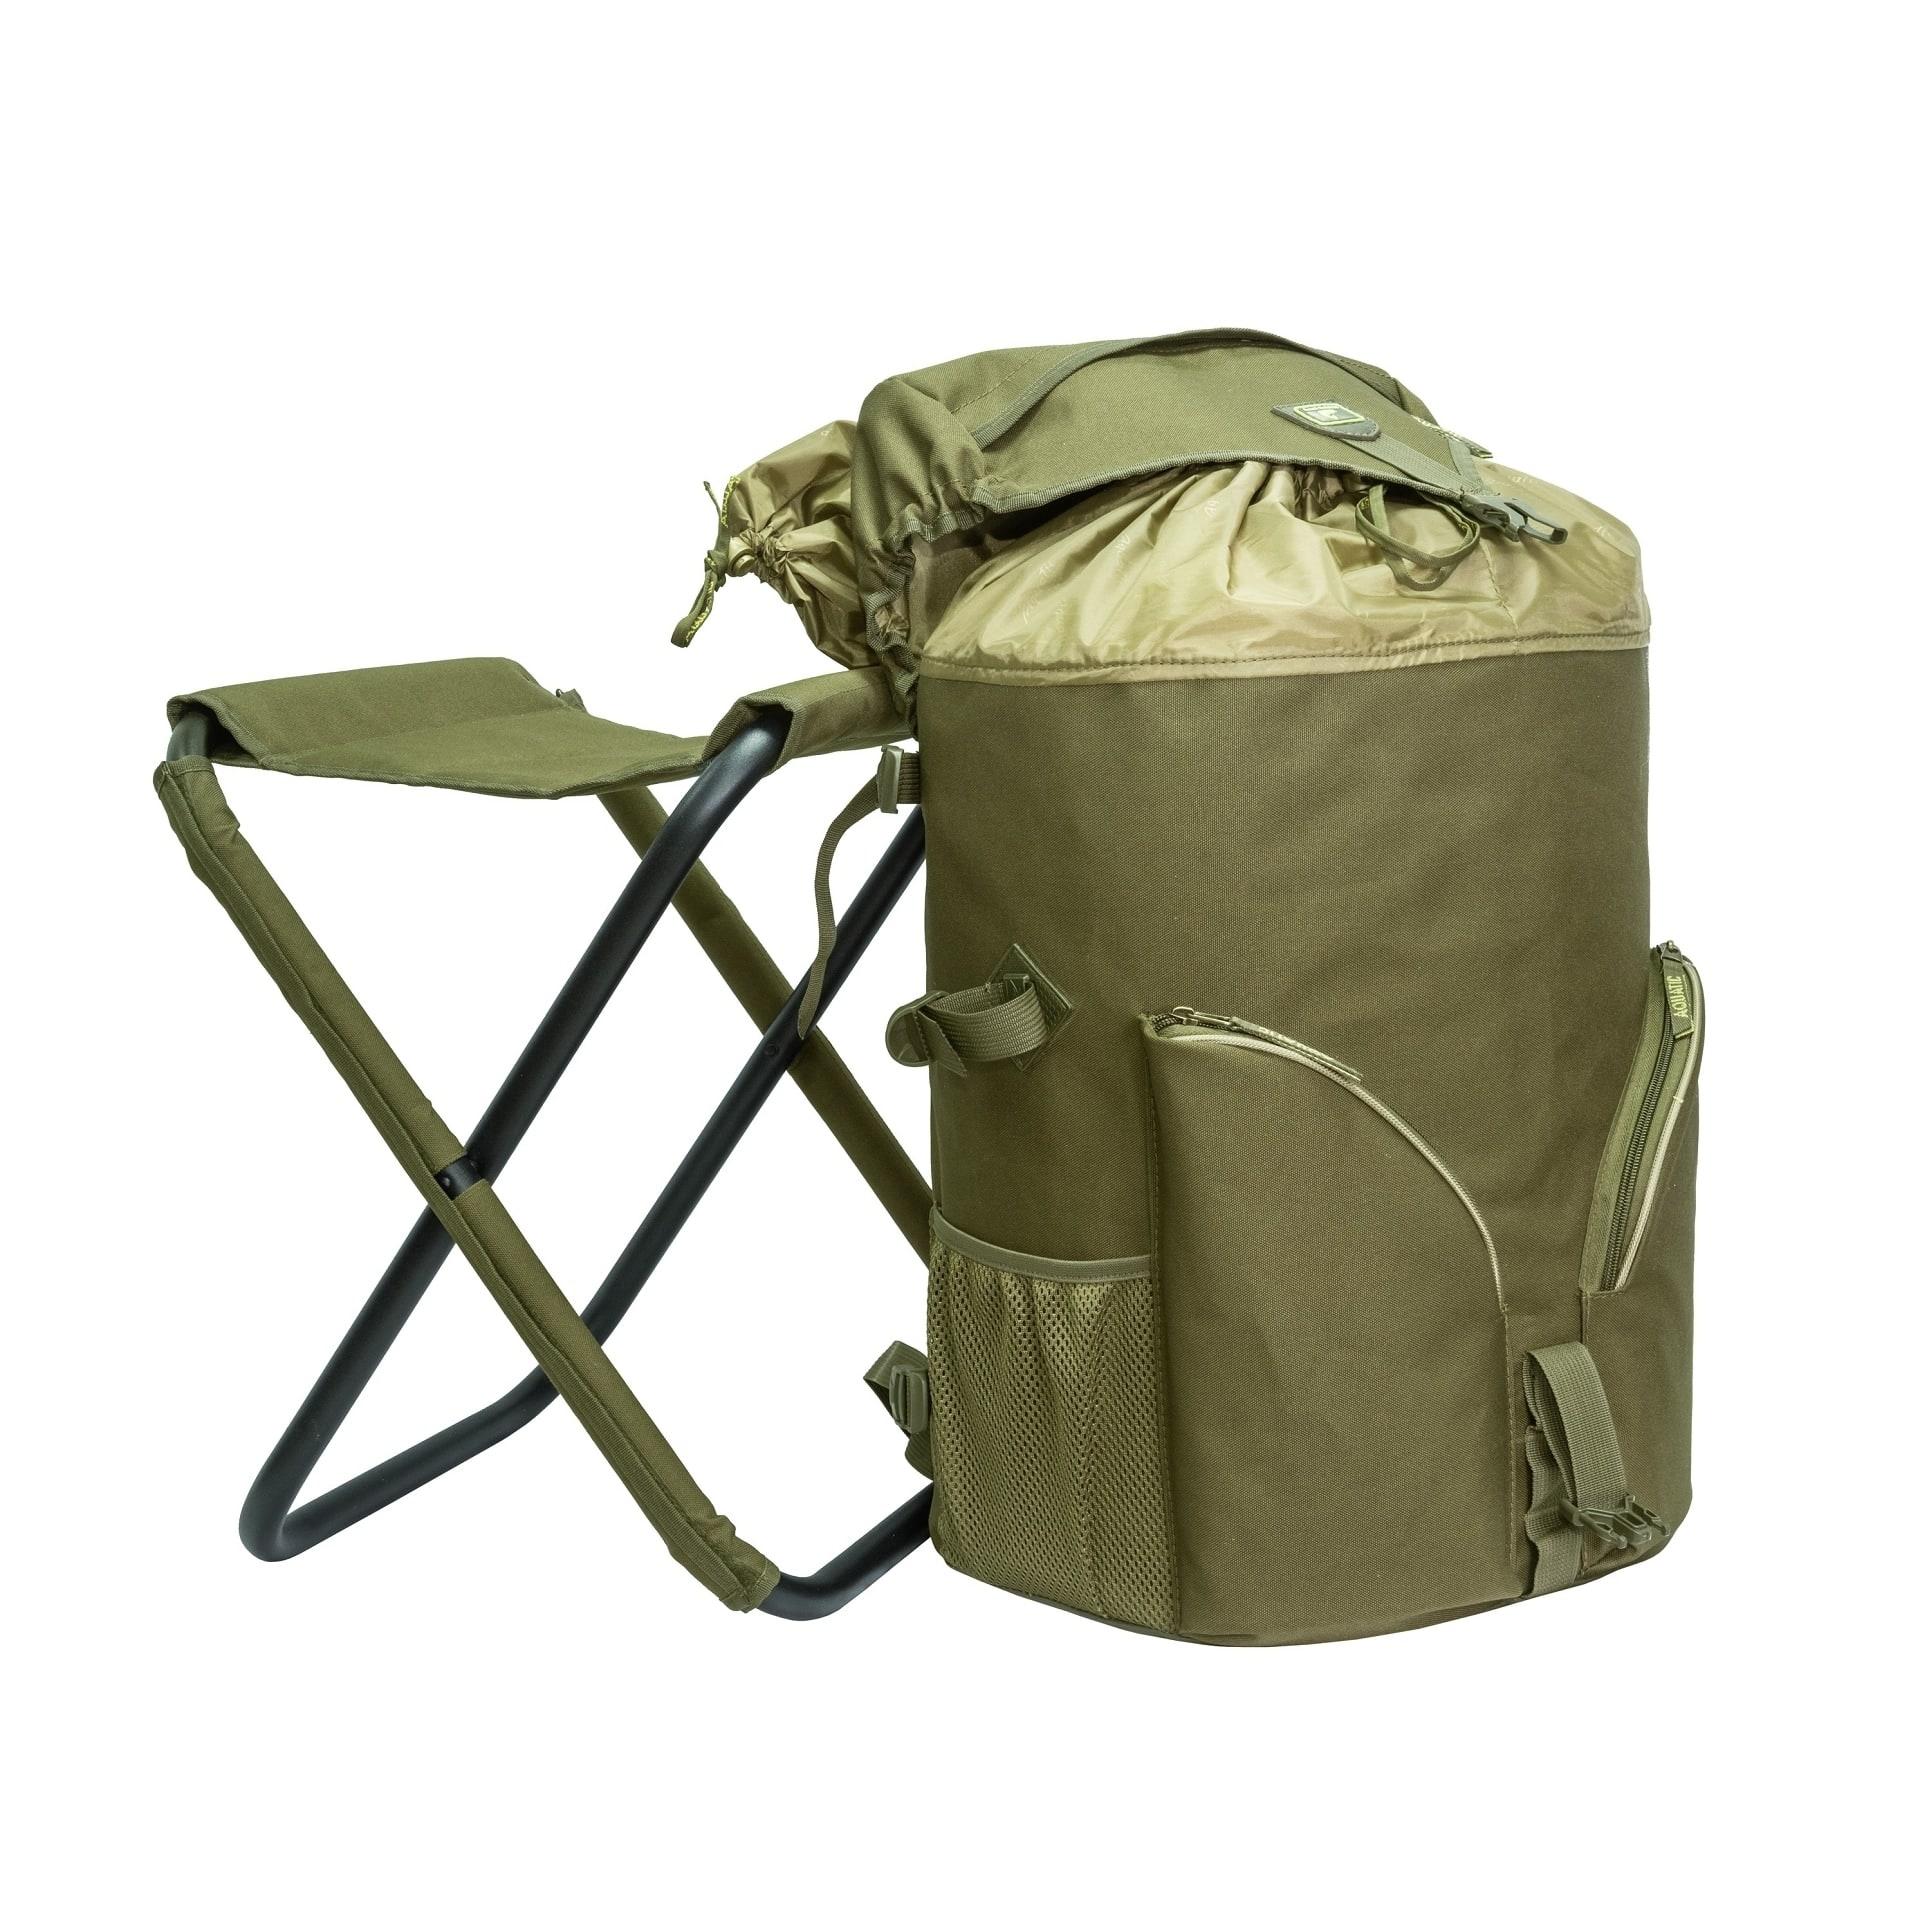 Рюкзак Aquatic РСТ-50 со стулом - Рыболовные рюкзаки Aquatic 582d64fcf99